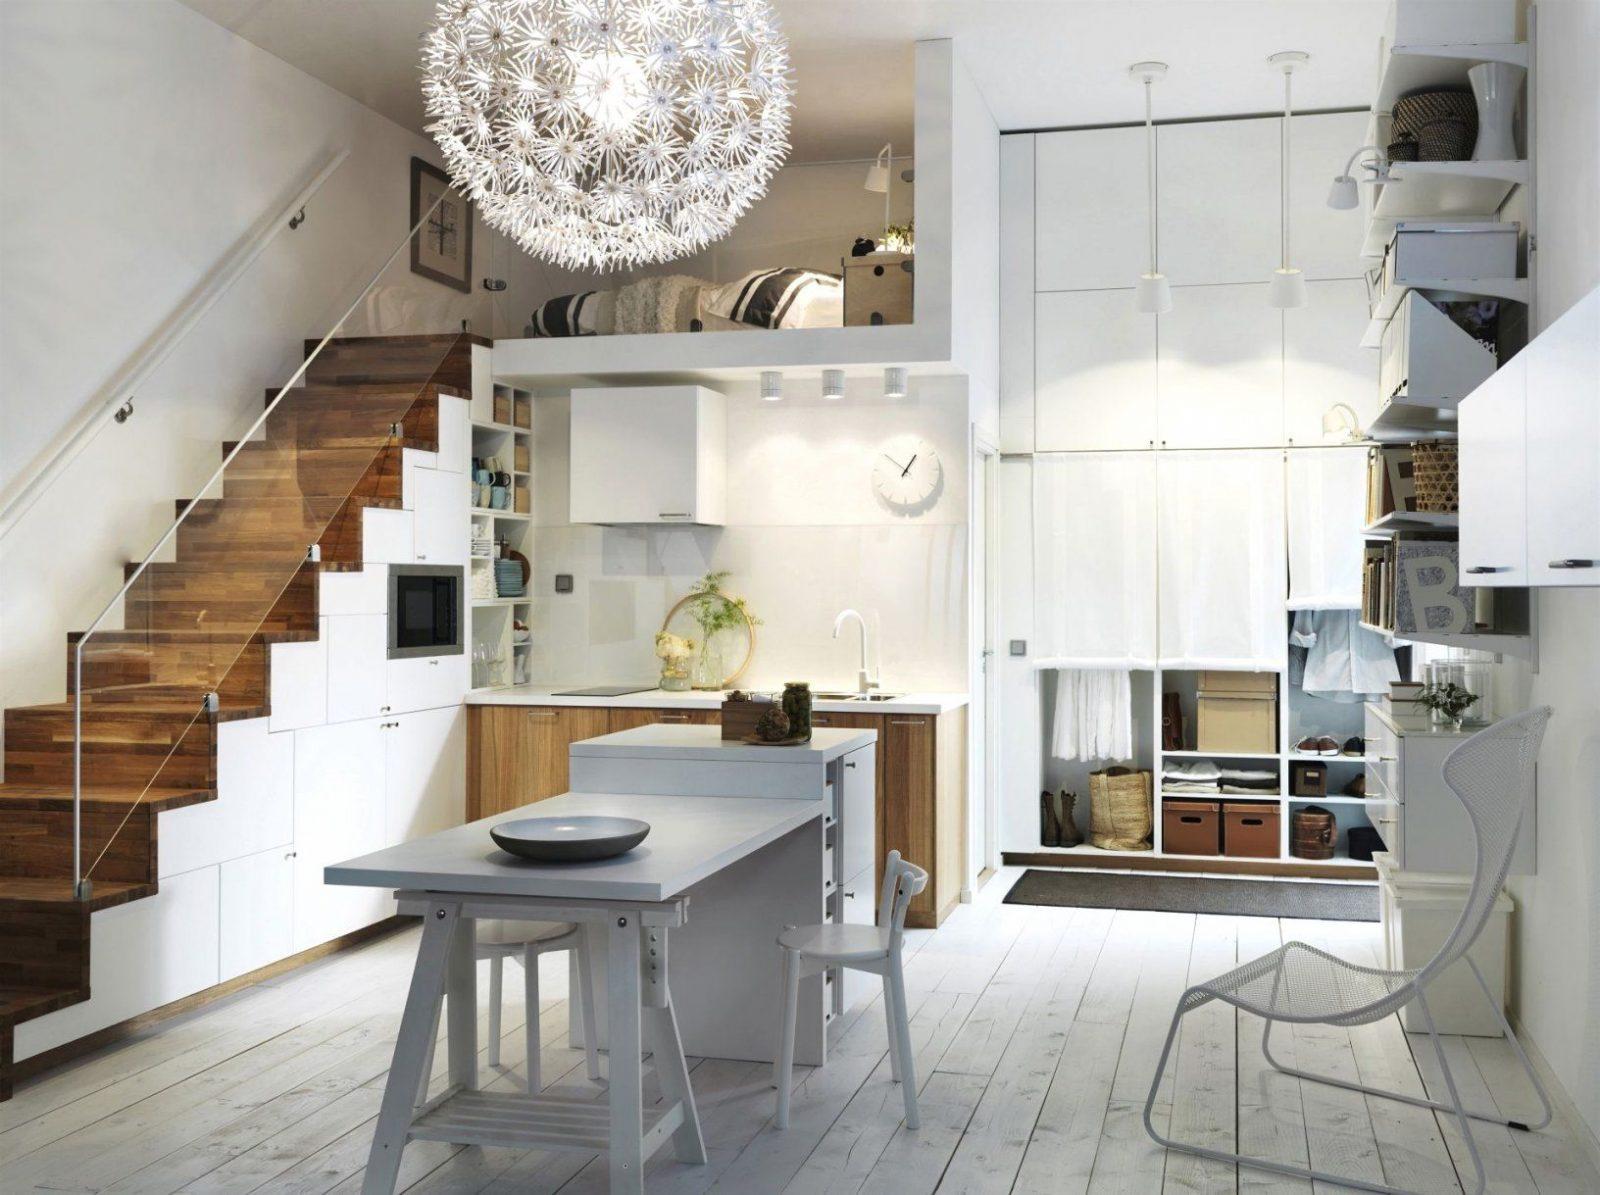 30 Qm Wohnung Einrichten Ikea Benutzerdefinierte Wohnung Ikea von 30 Qm Wohnung Einrichten Photo